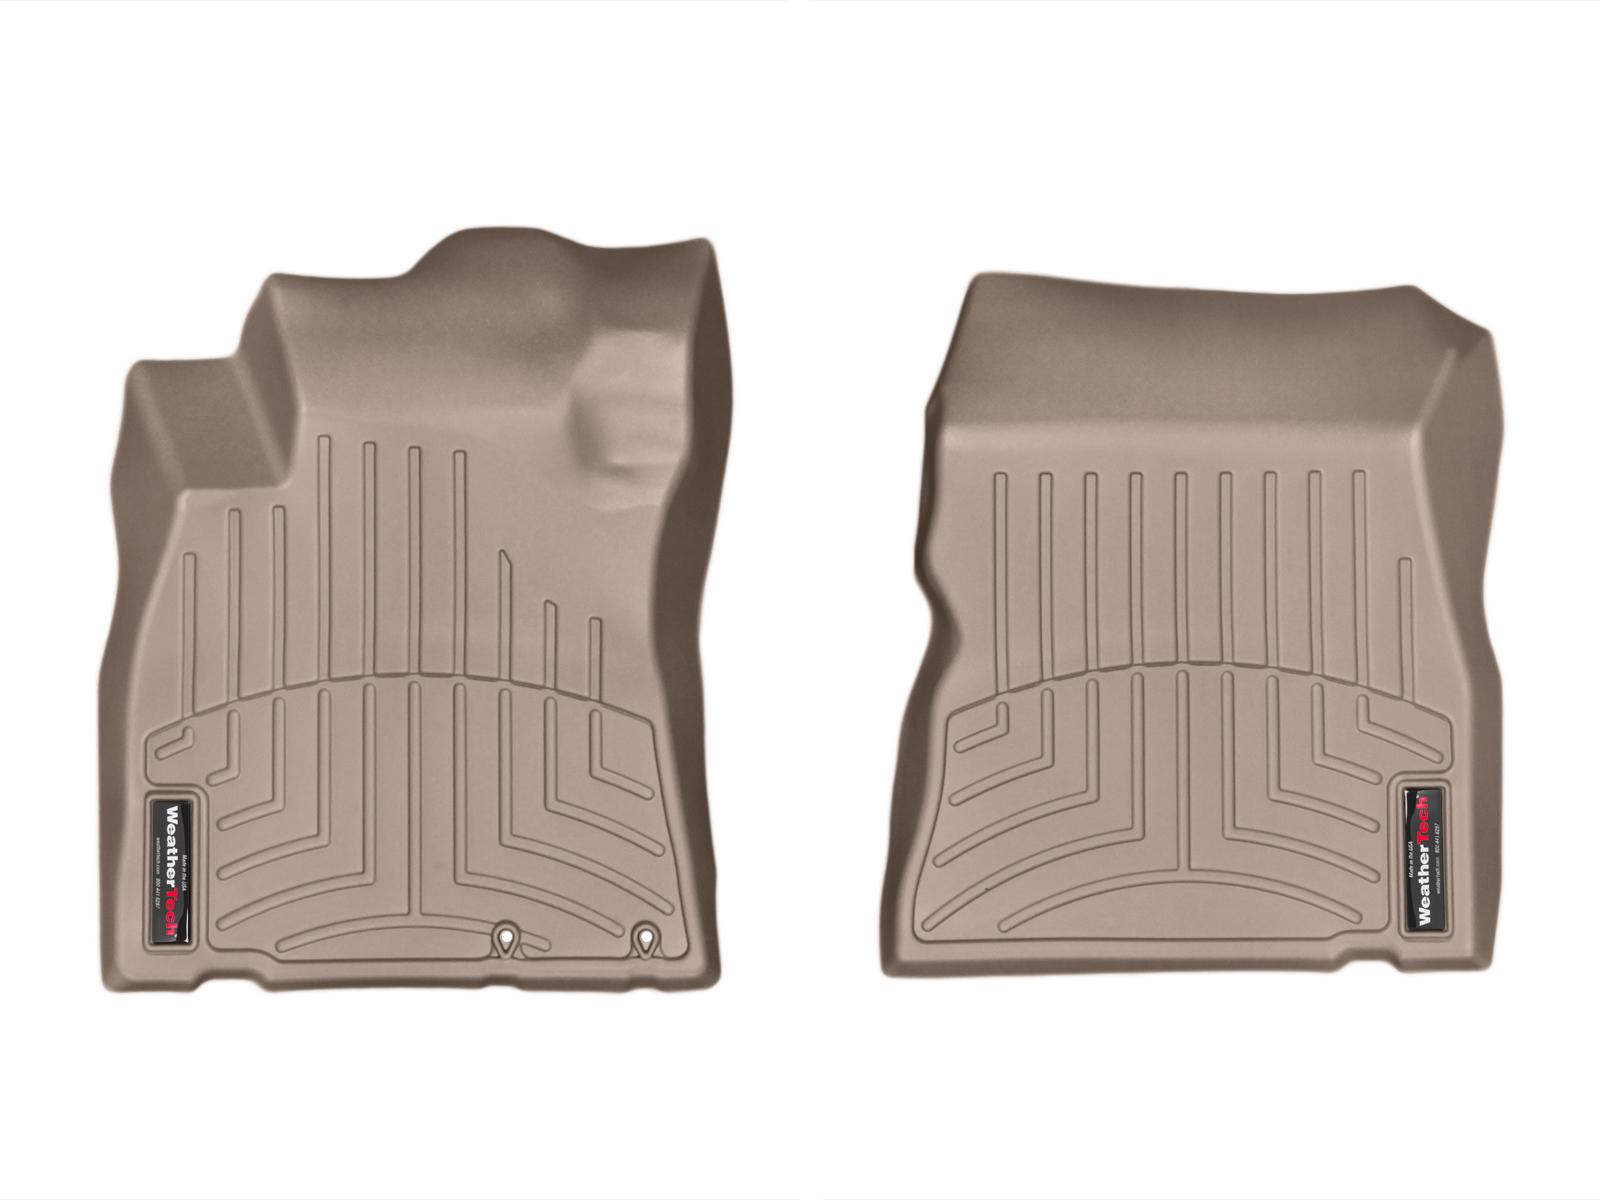 Tappeti gomma su misura bordo alto Nissan Note 13>13 Marrone A2897